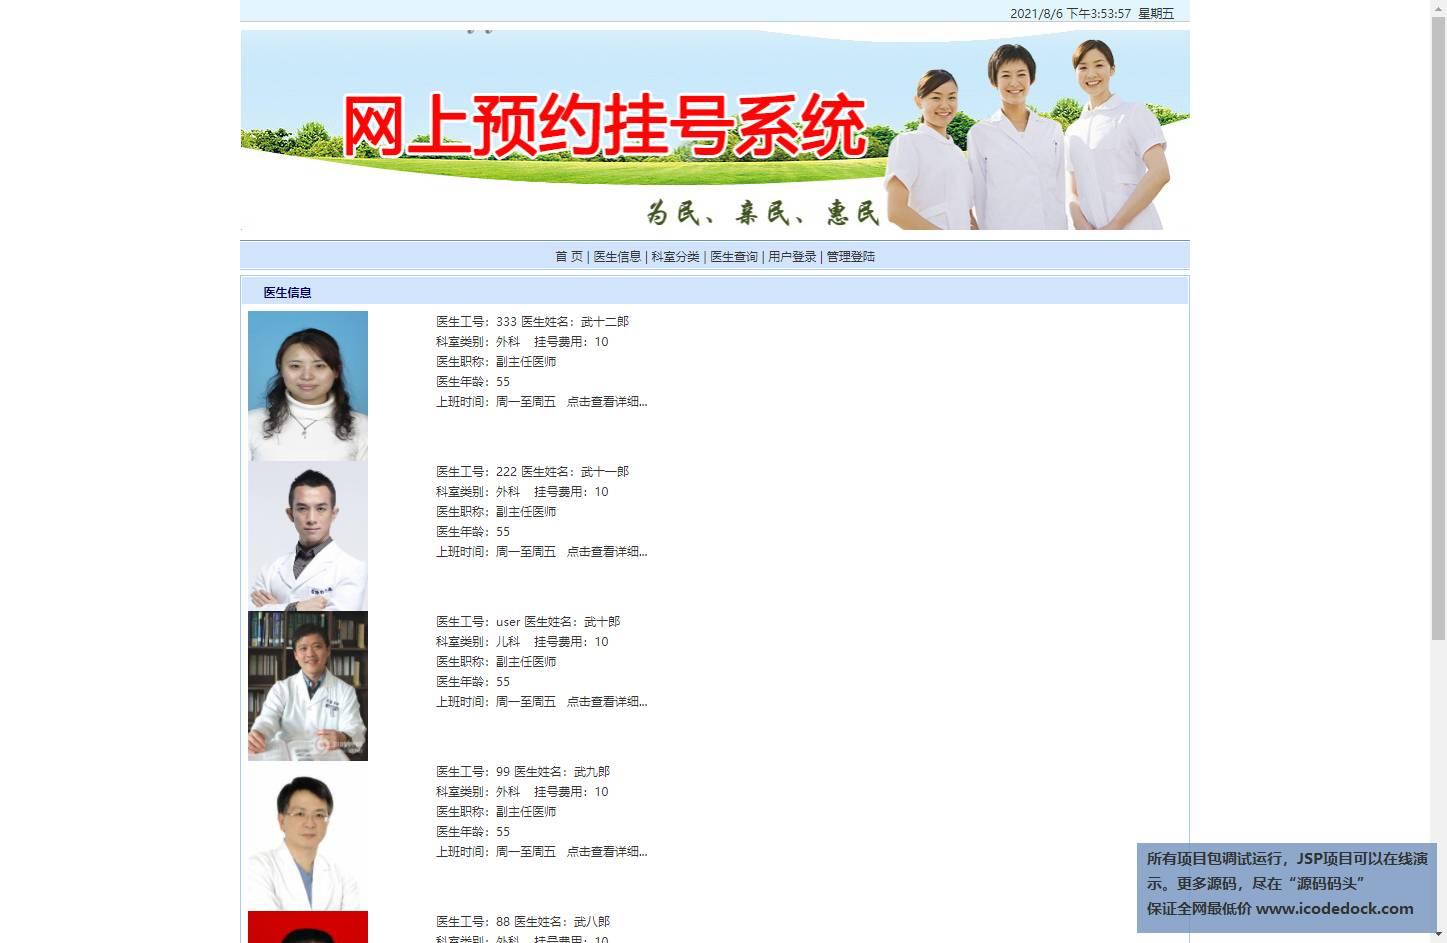 源码码头-JSP医院在线挂号管理系统-患者角色-查看医生信息